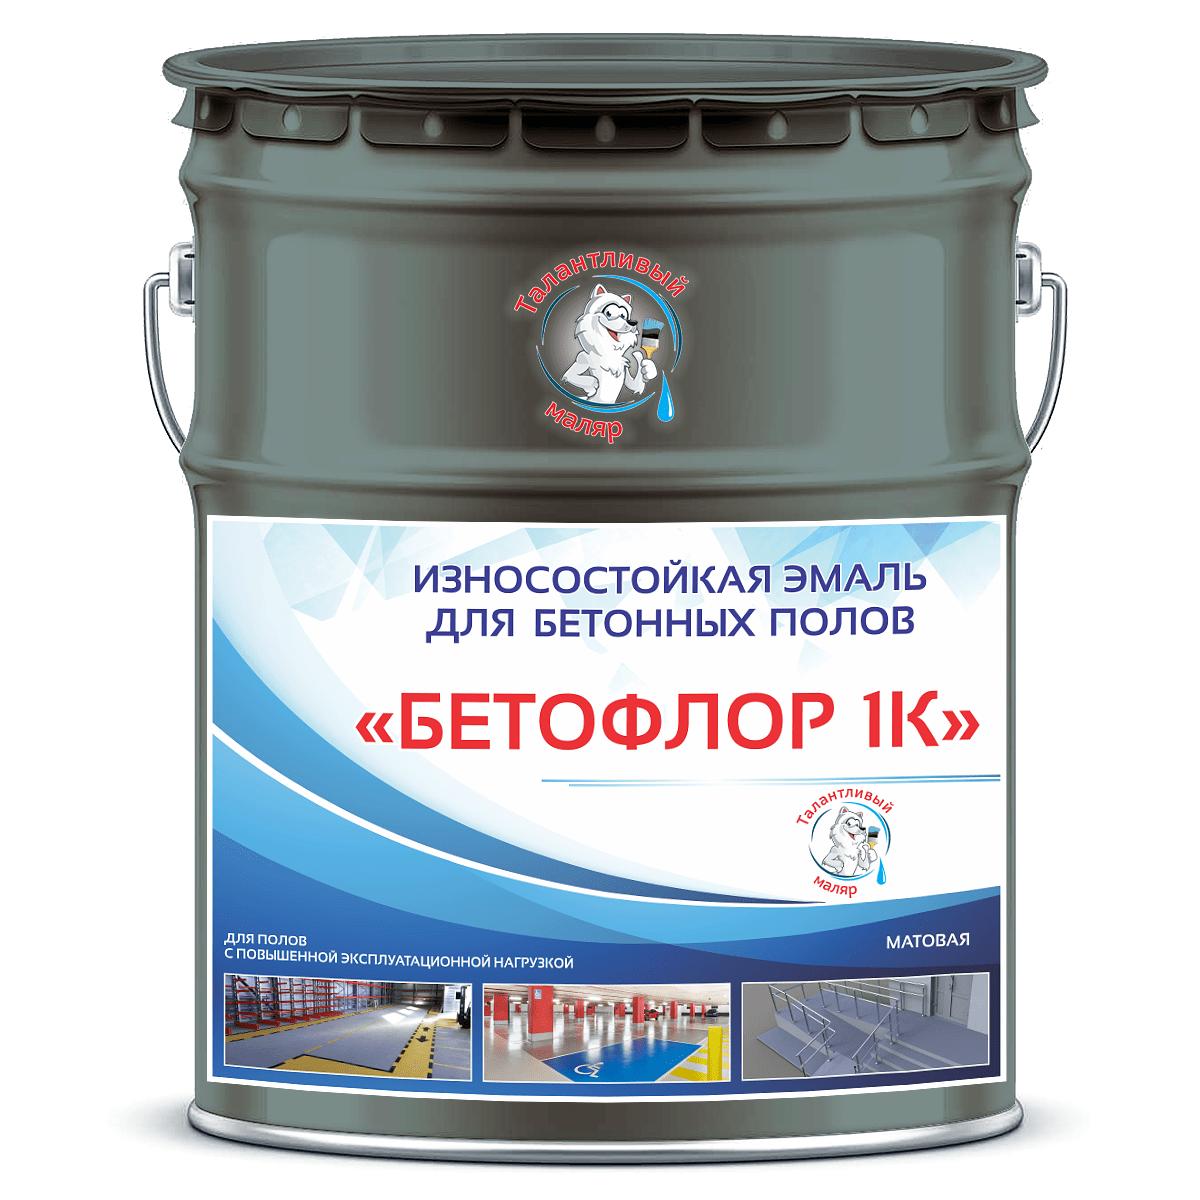 """Фото 10 - BF7010 Эмаль для бетонных полов """"Бетофлор"""" 1К цвет RAL 7010 Серый брезент, матовая износостойкая, 25 кг """"Талантливый Маляр""""."""